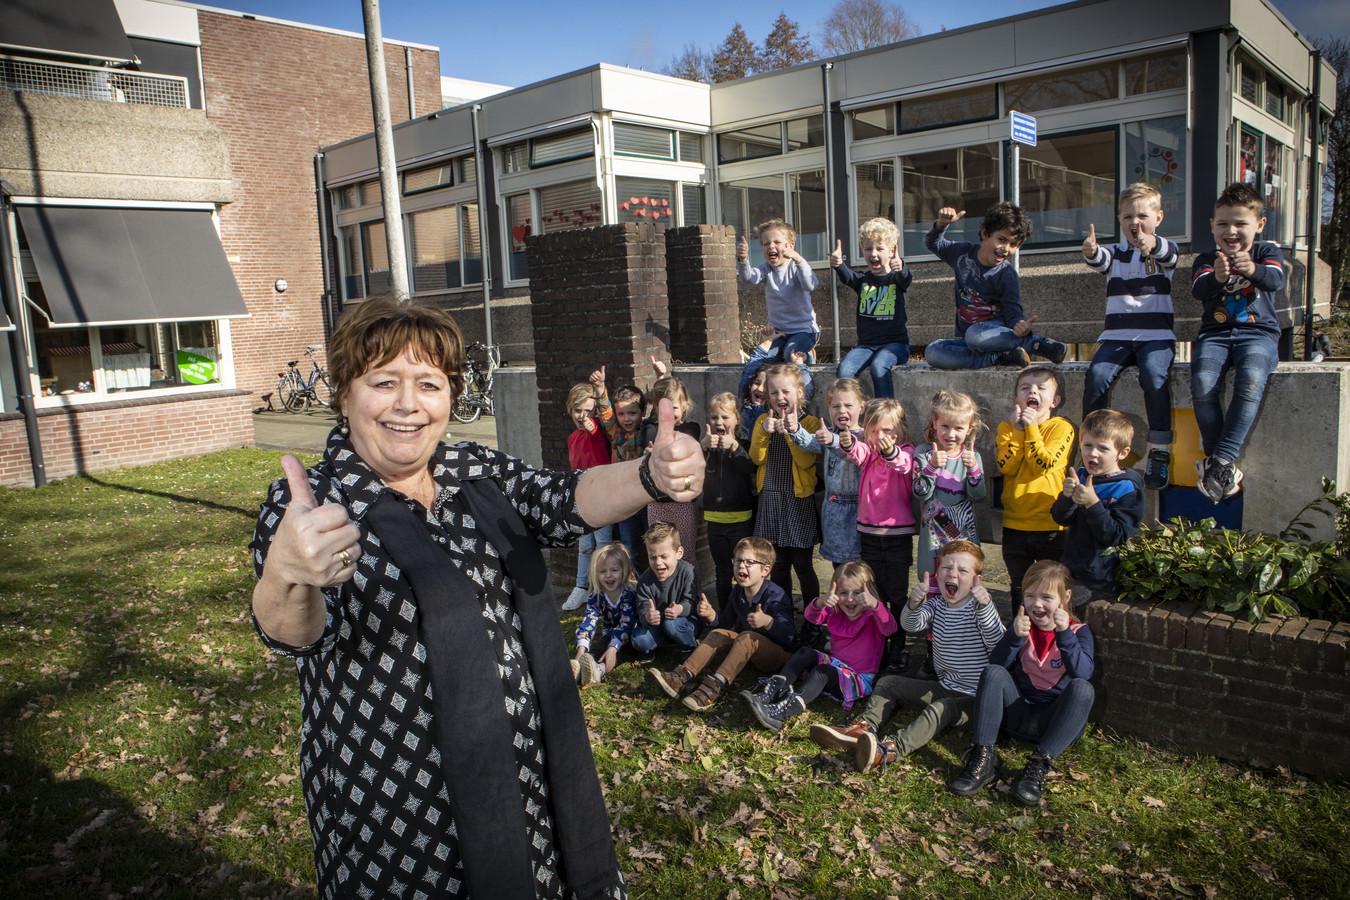 Marica Braakhuis werkte het grootste deel van haar carrière als kleuterjuf op basisschool De Esch waar ze begon als hoofdleidster.